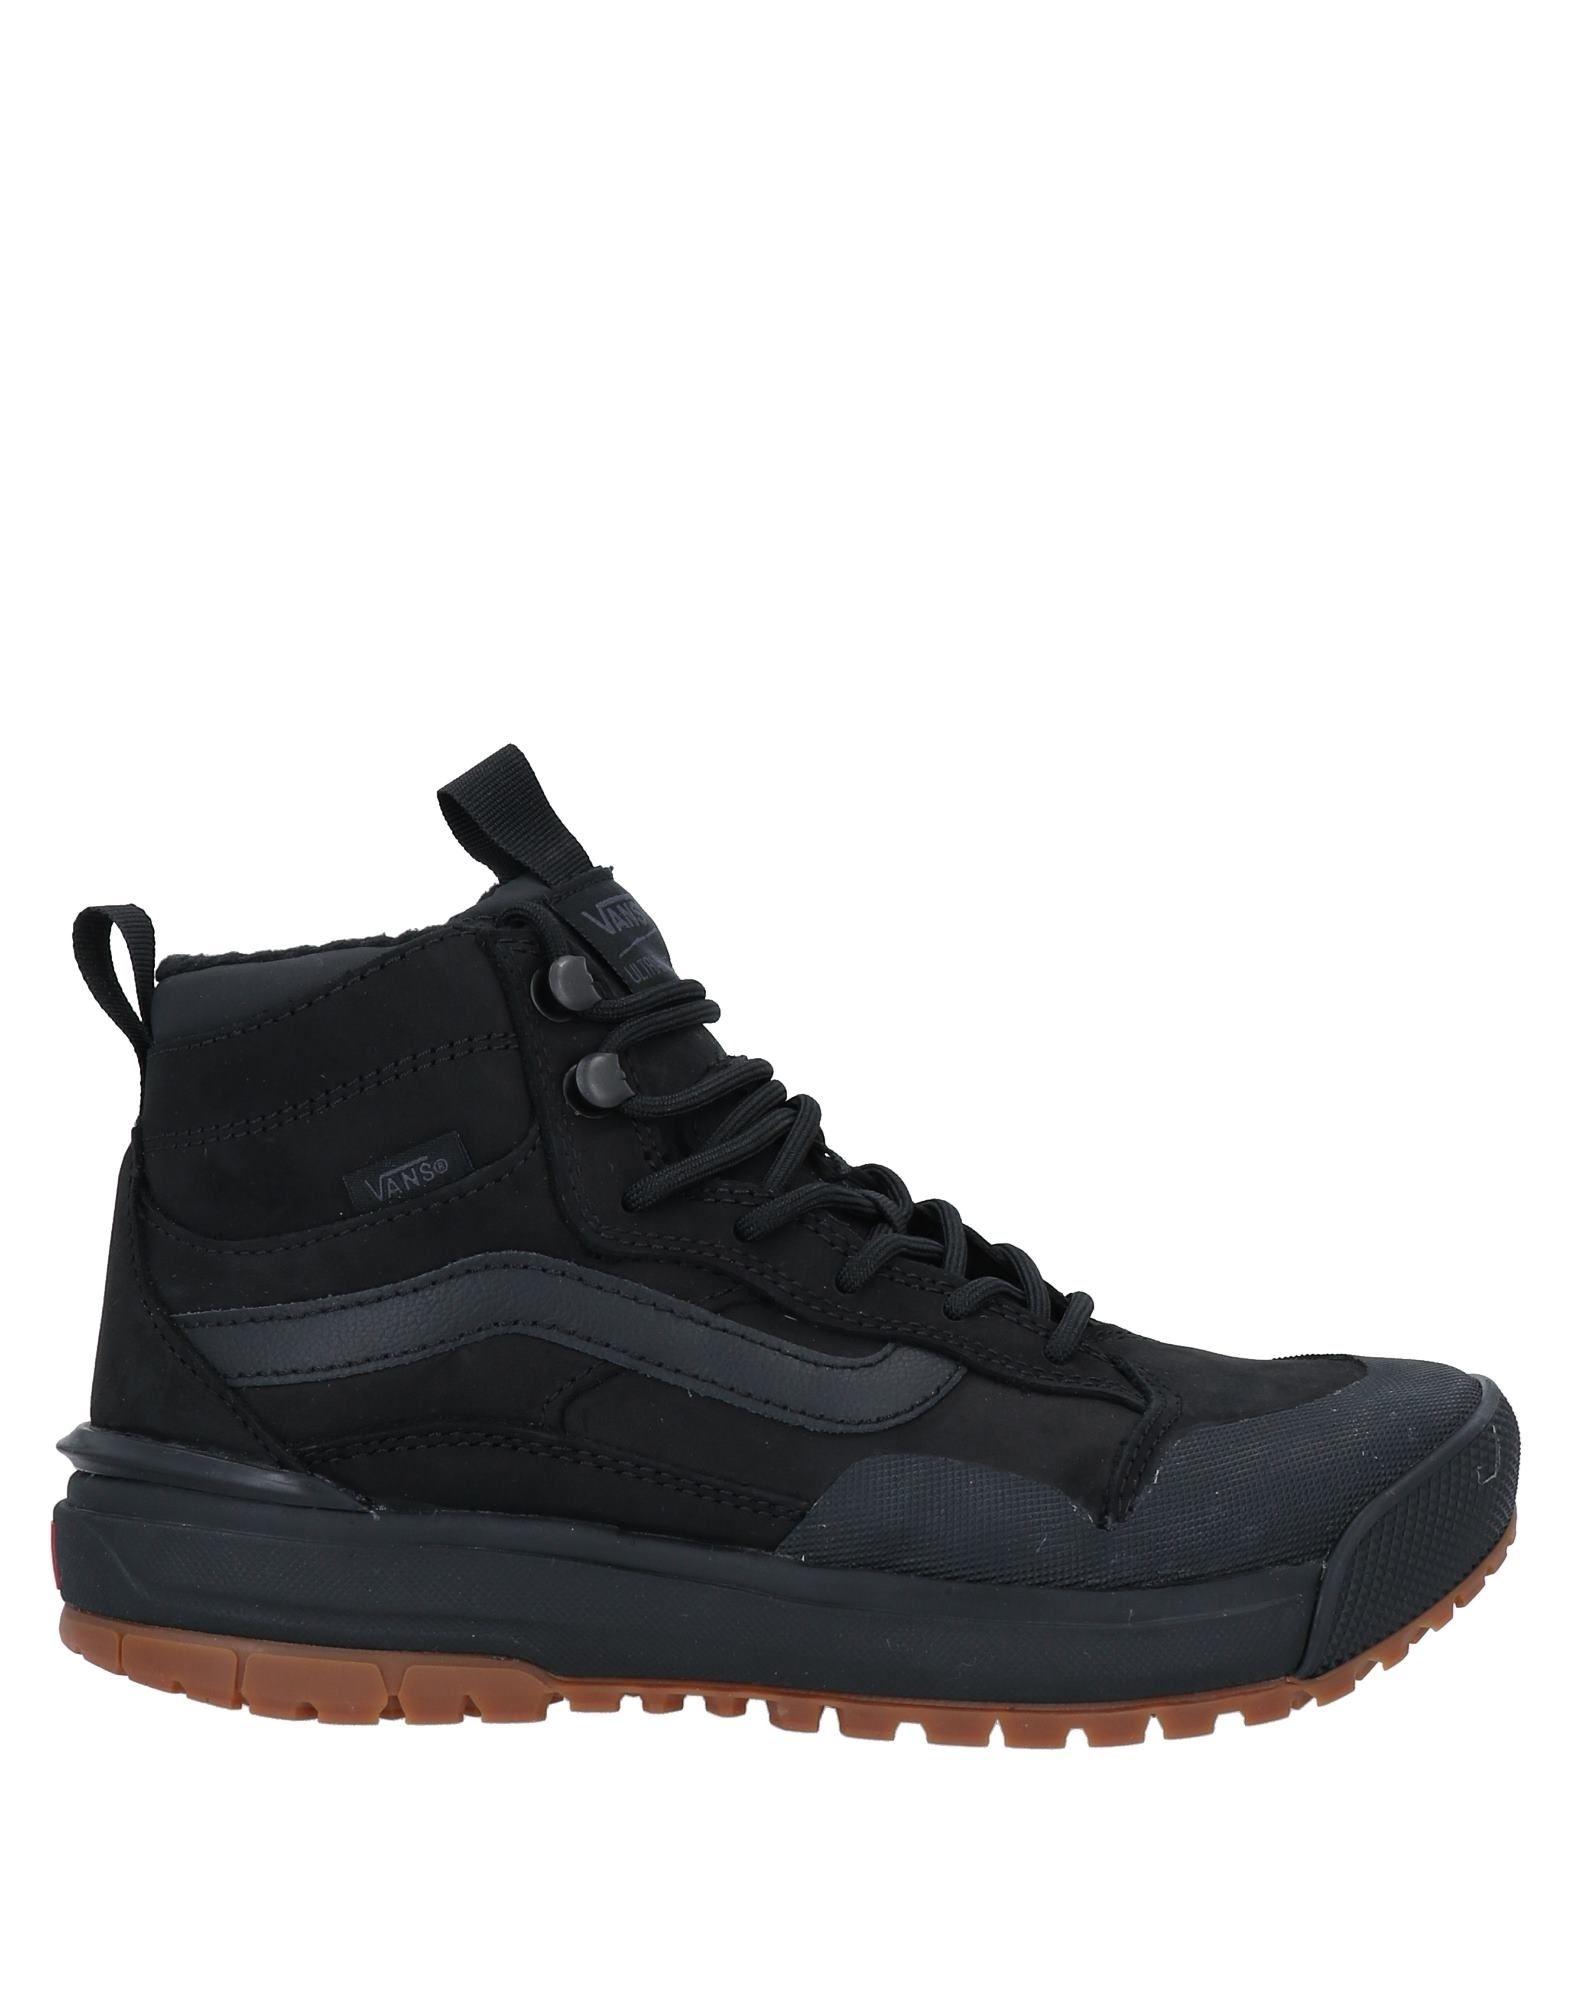 VANS High-tops & sneakers - Item 17057104